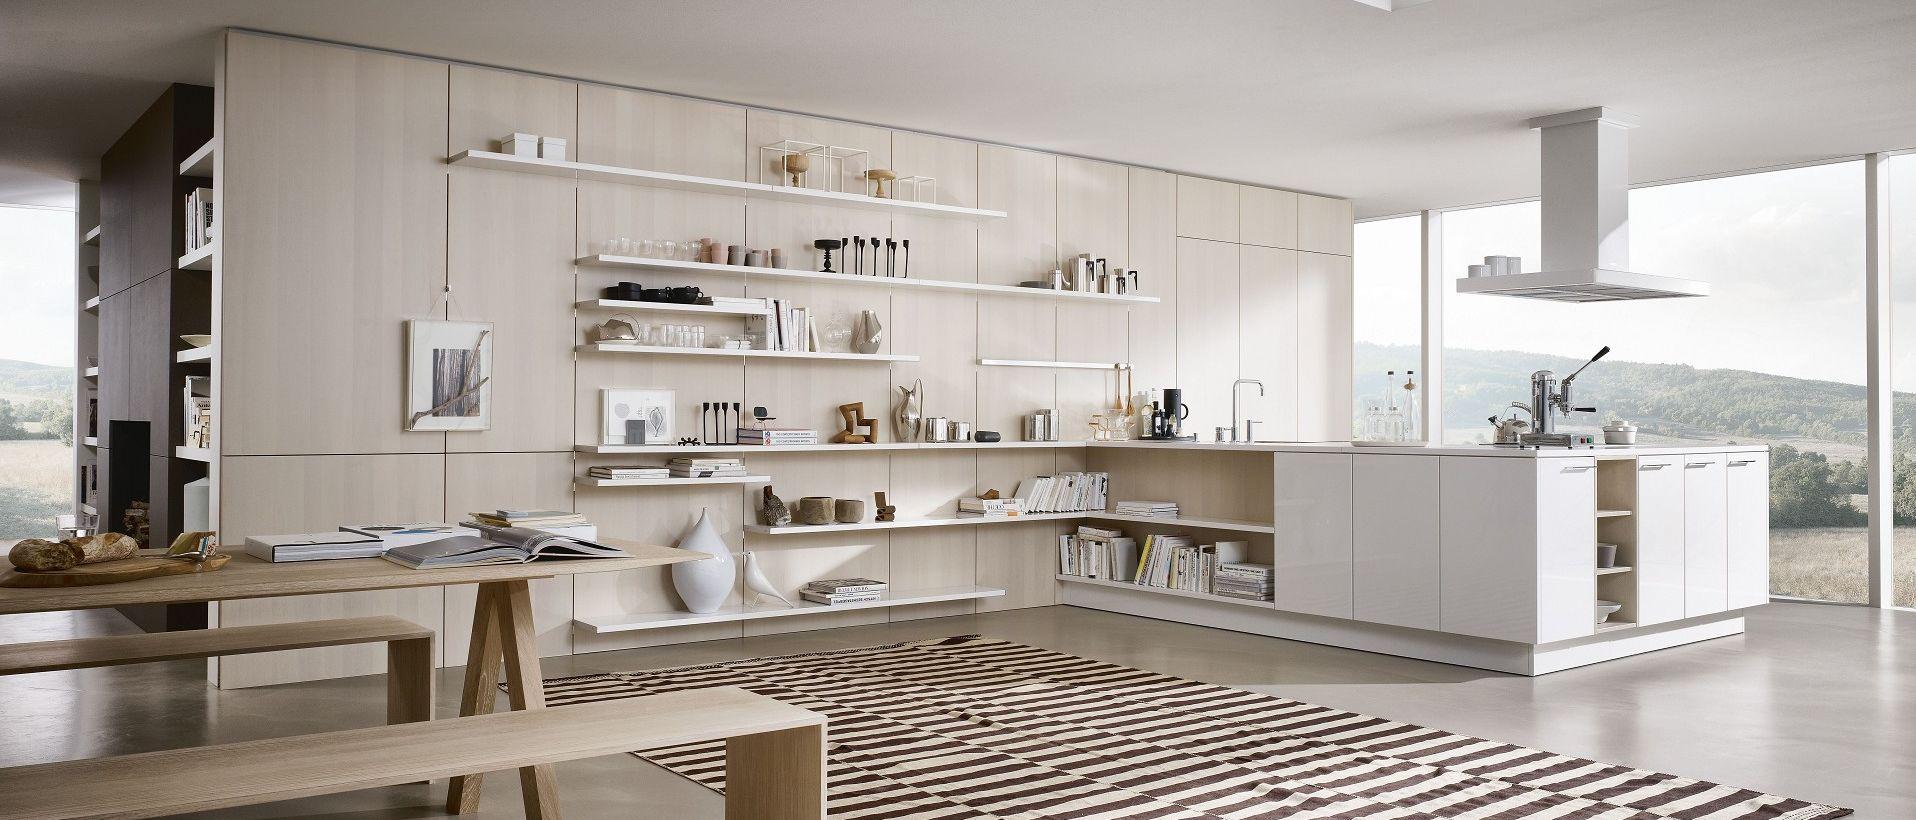 Open Keuken Ideeen.Open Keuken De Kunst Van Het Leven Siematic Siematic